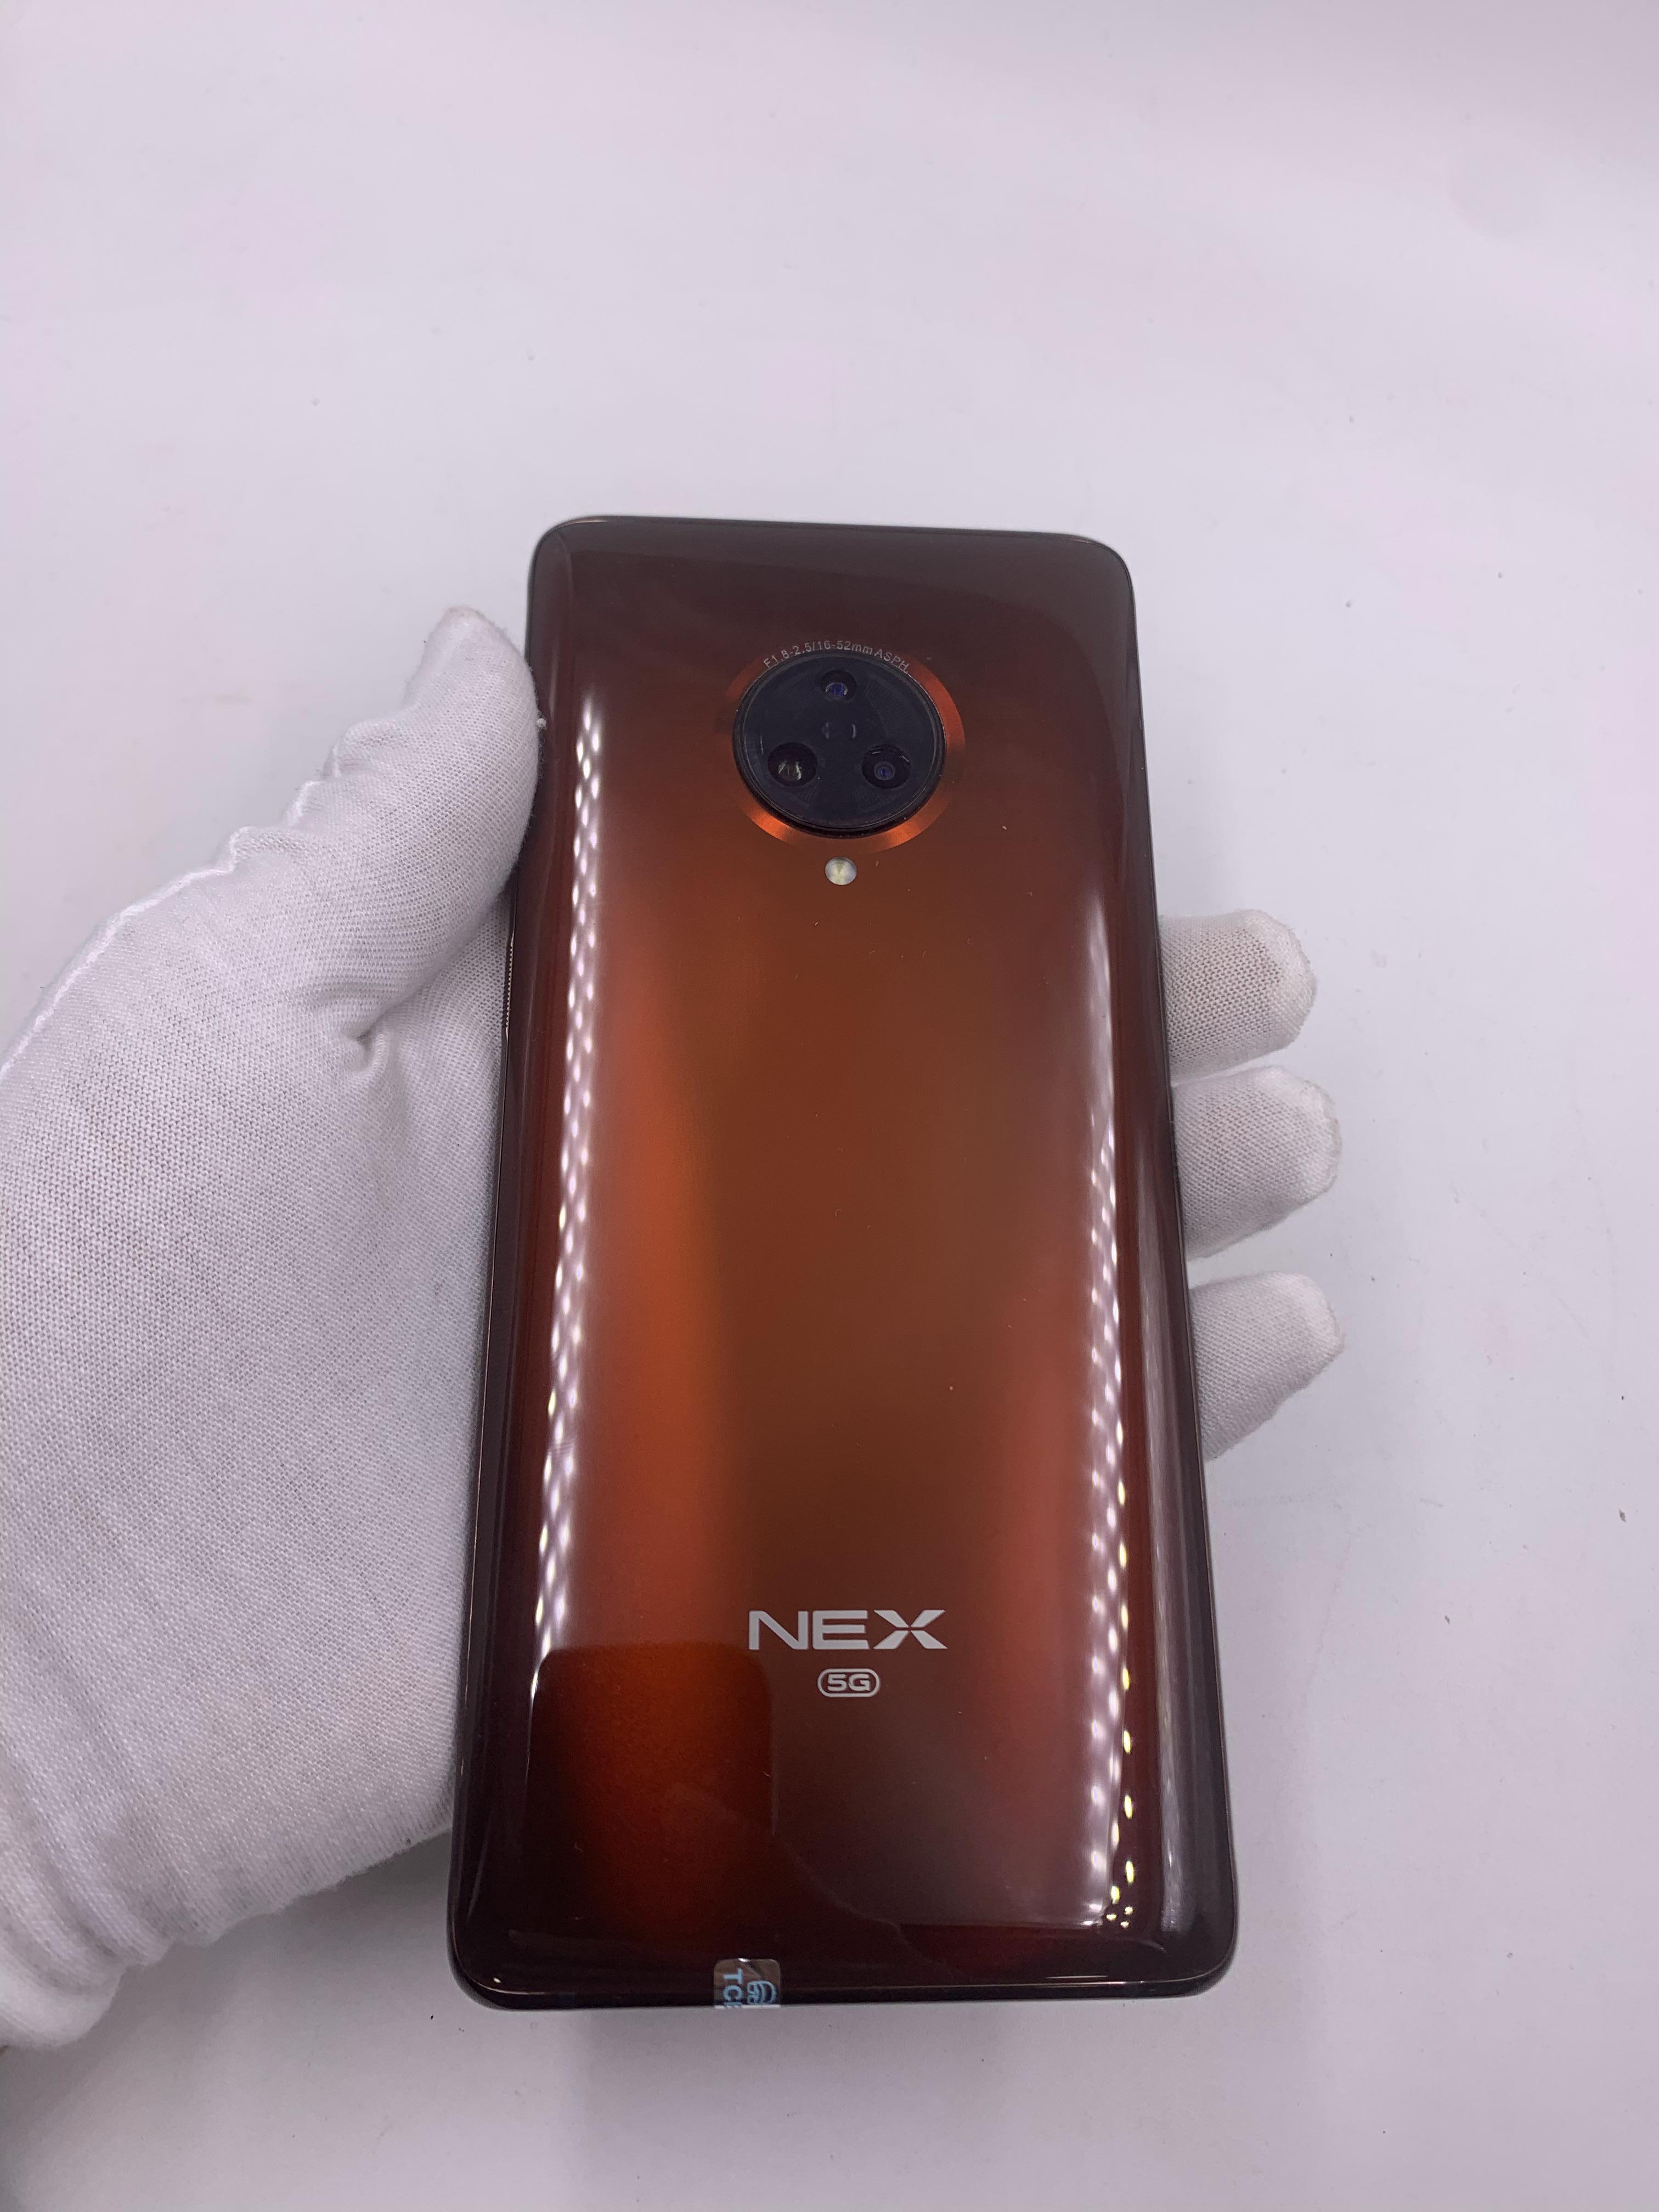 vivo【NEX 3S 5G】5G全网通 琥珀醇 8G/256G 国行 95新